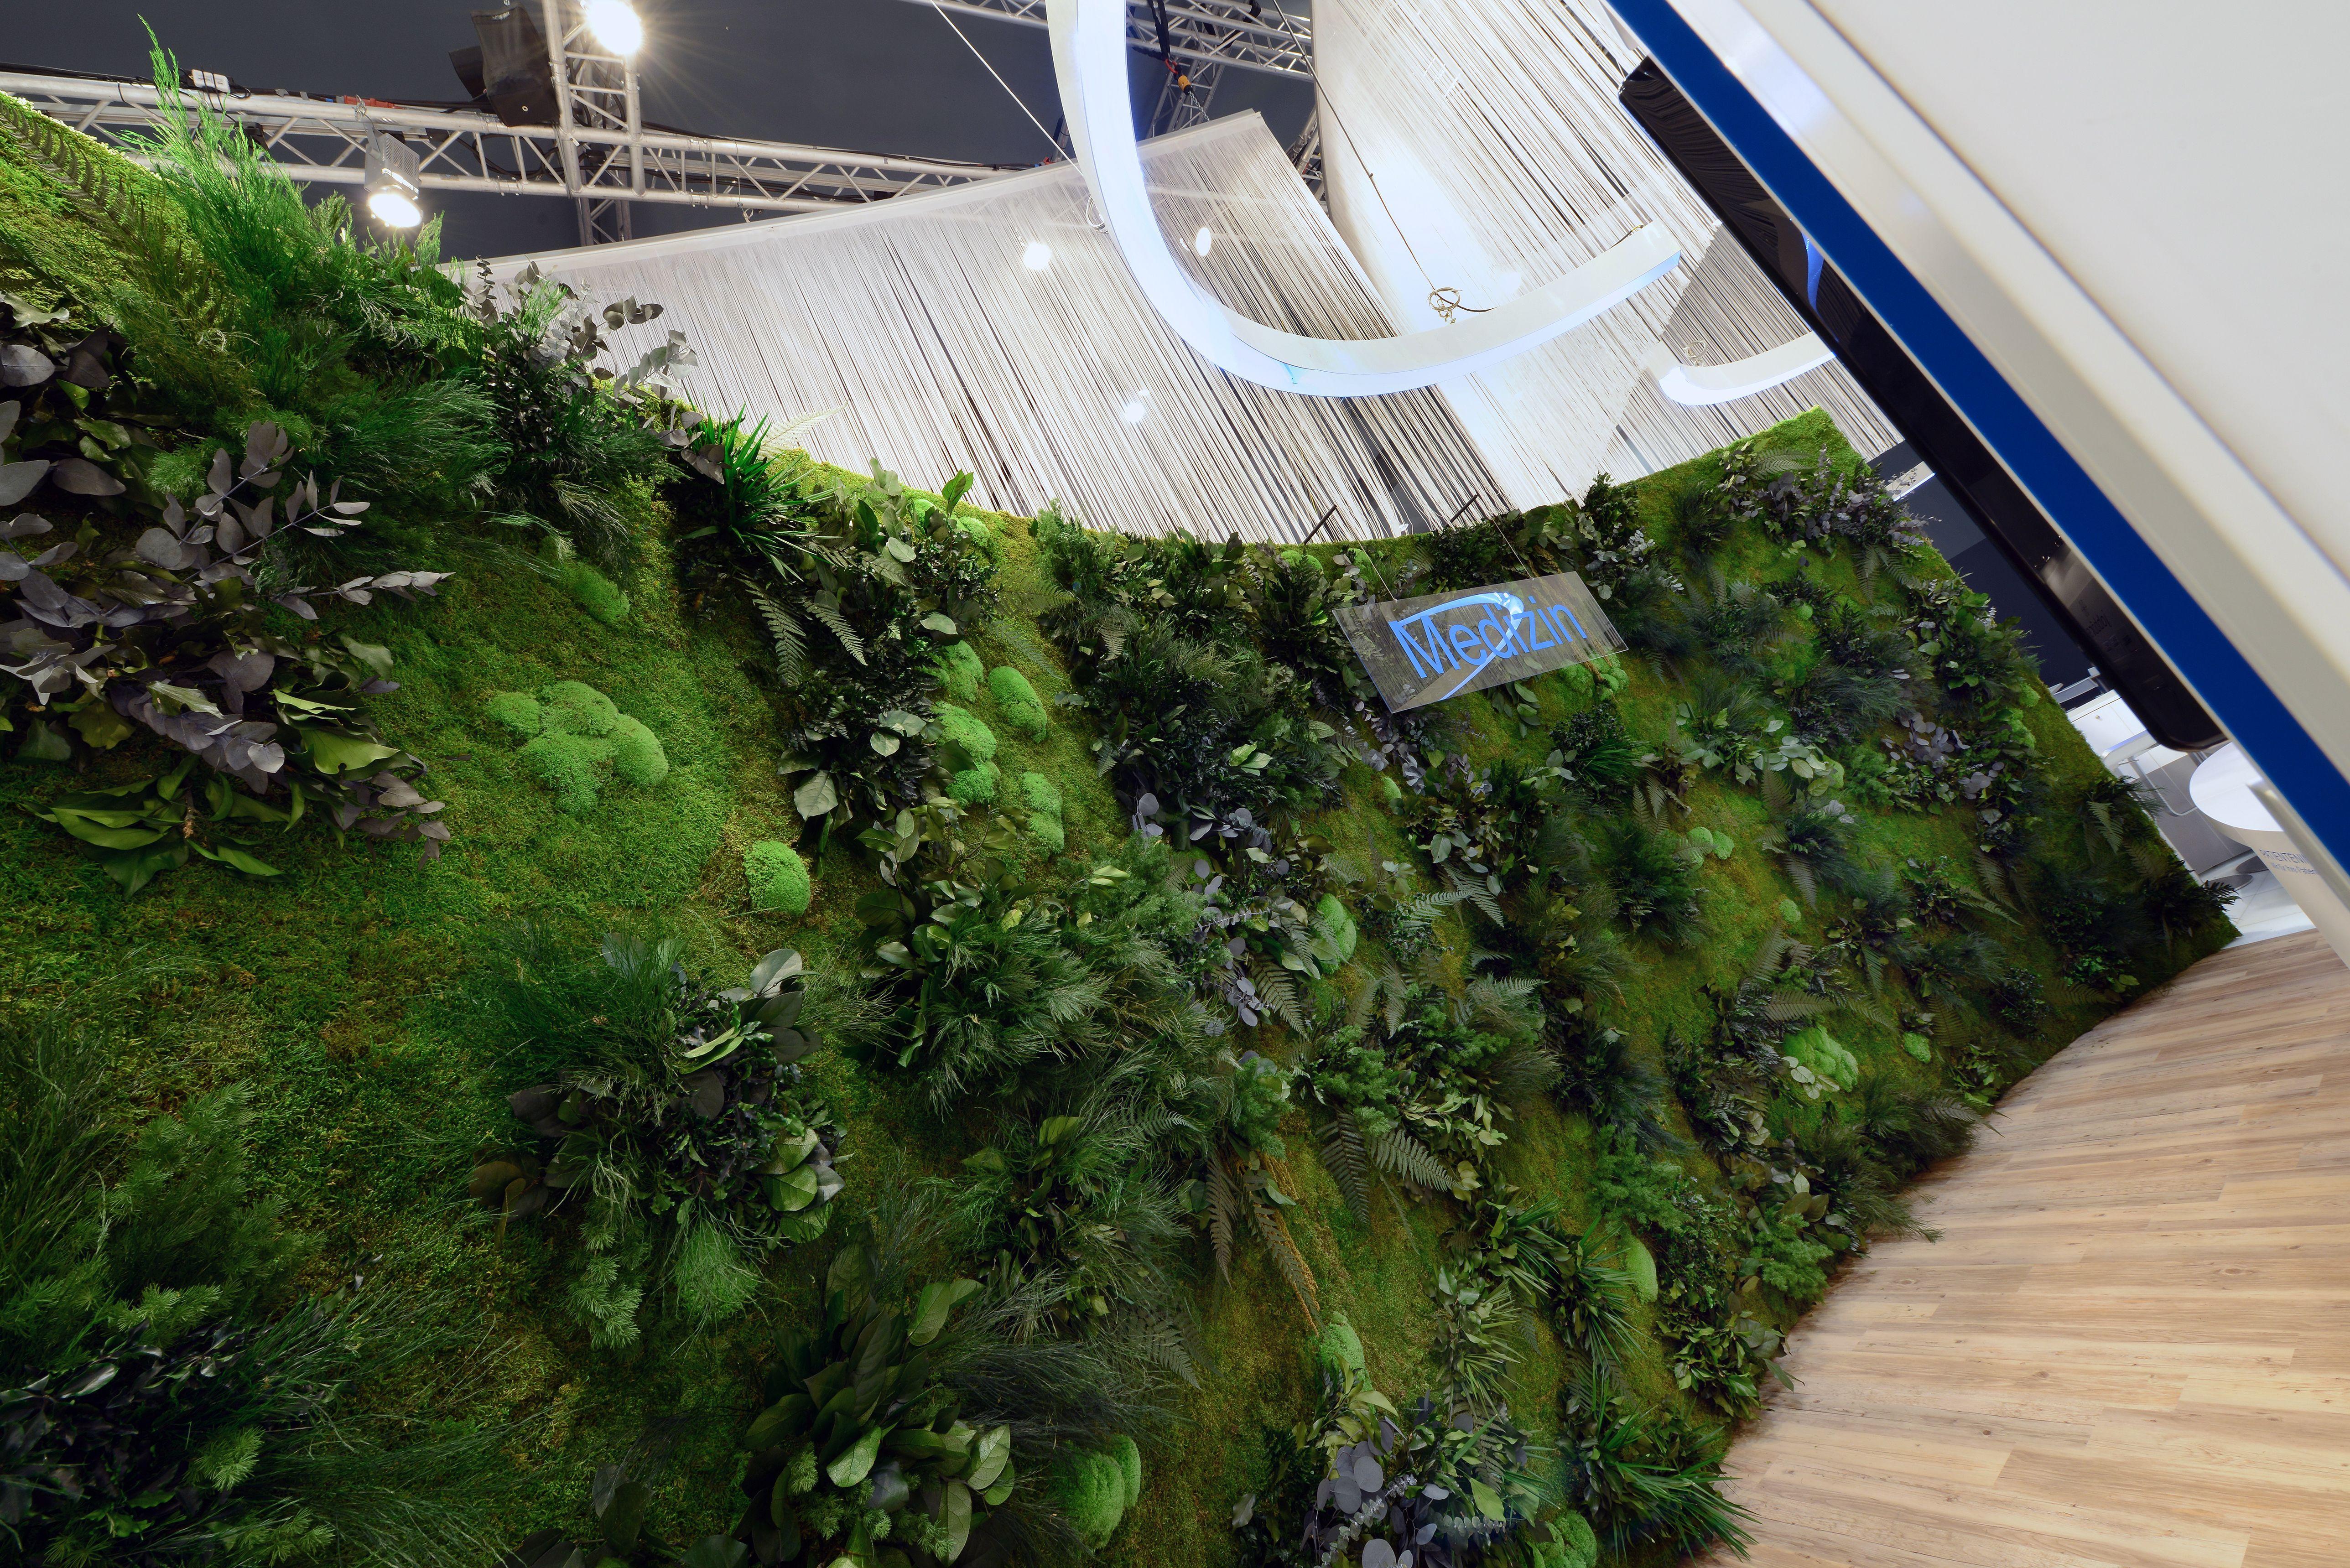 Wandbegrünung 24 sm green wall grüne wand wandbegrünung für roche arno